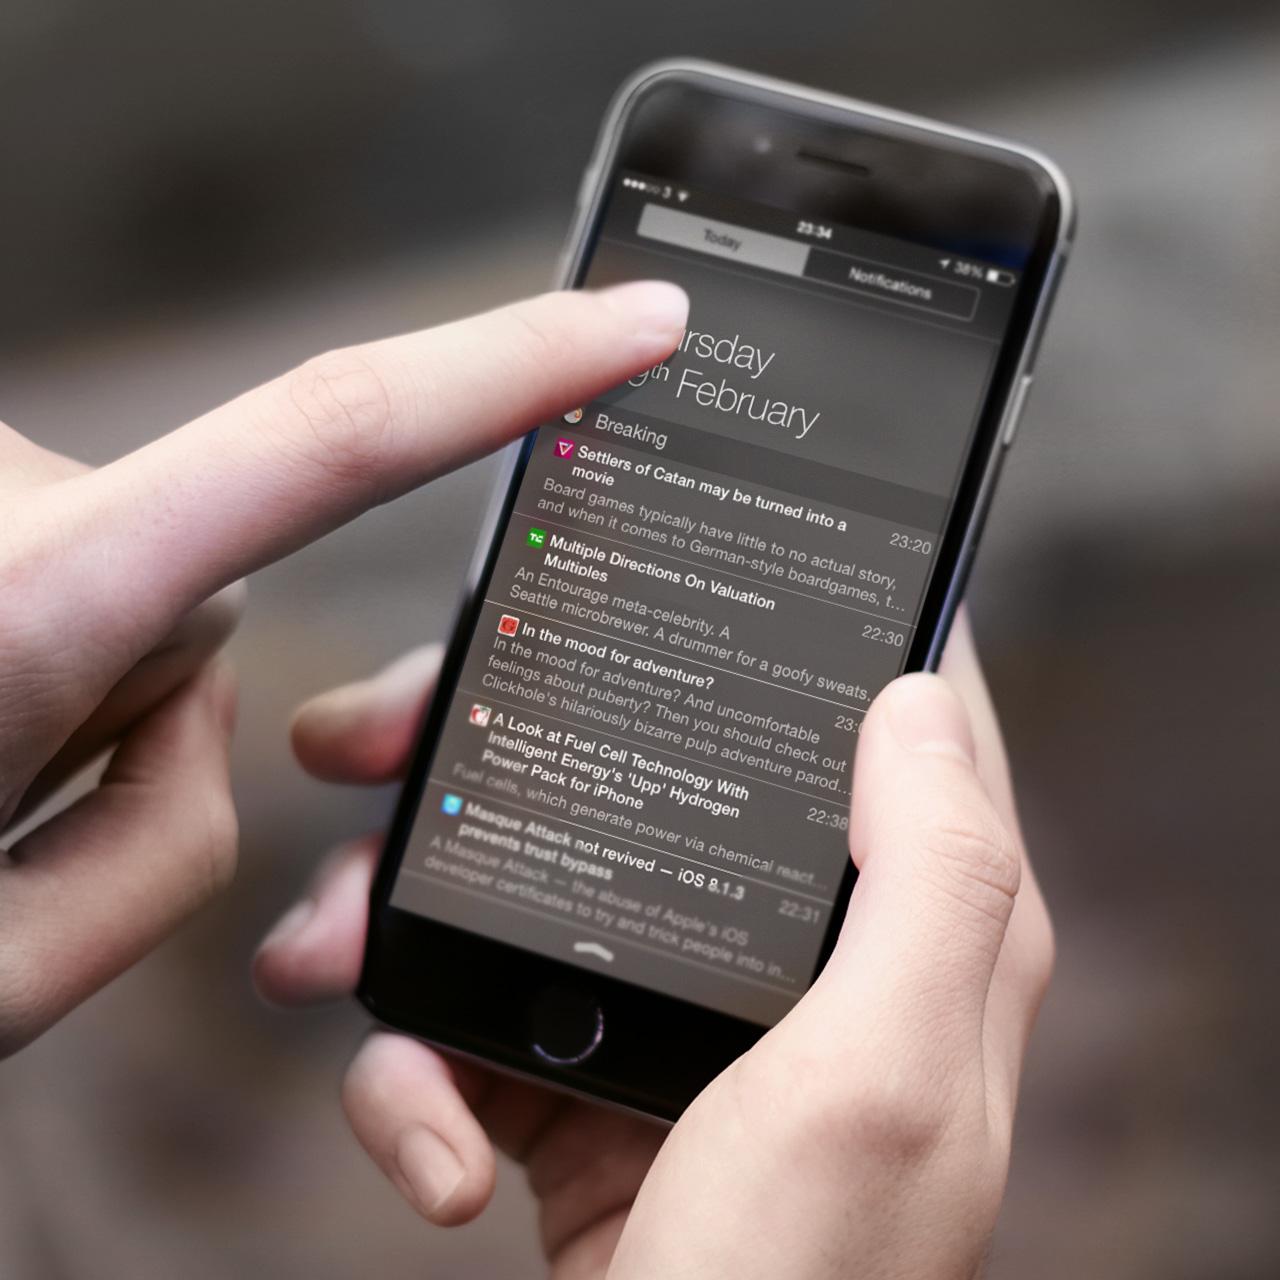 Breaking для iOS и OS X позволяет читать RSS-ленту прямо в центре уведомлений